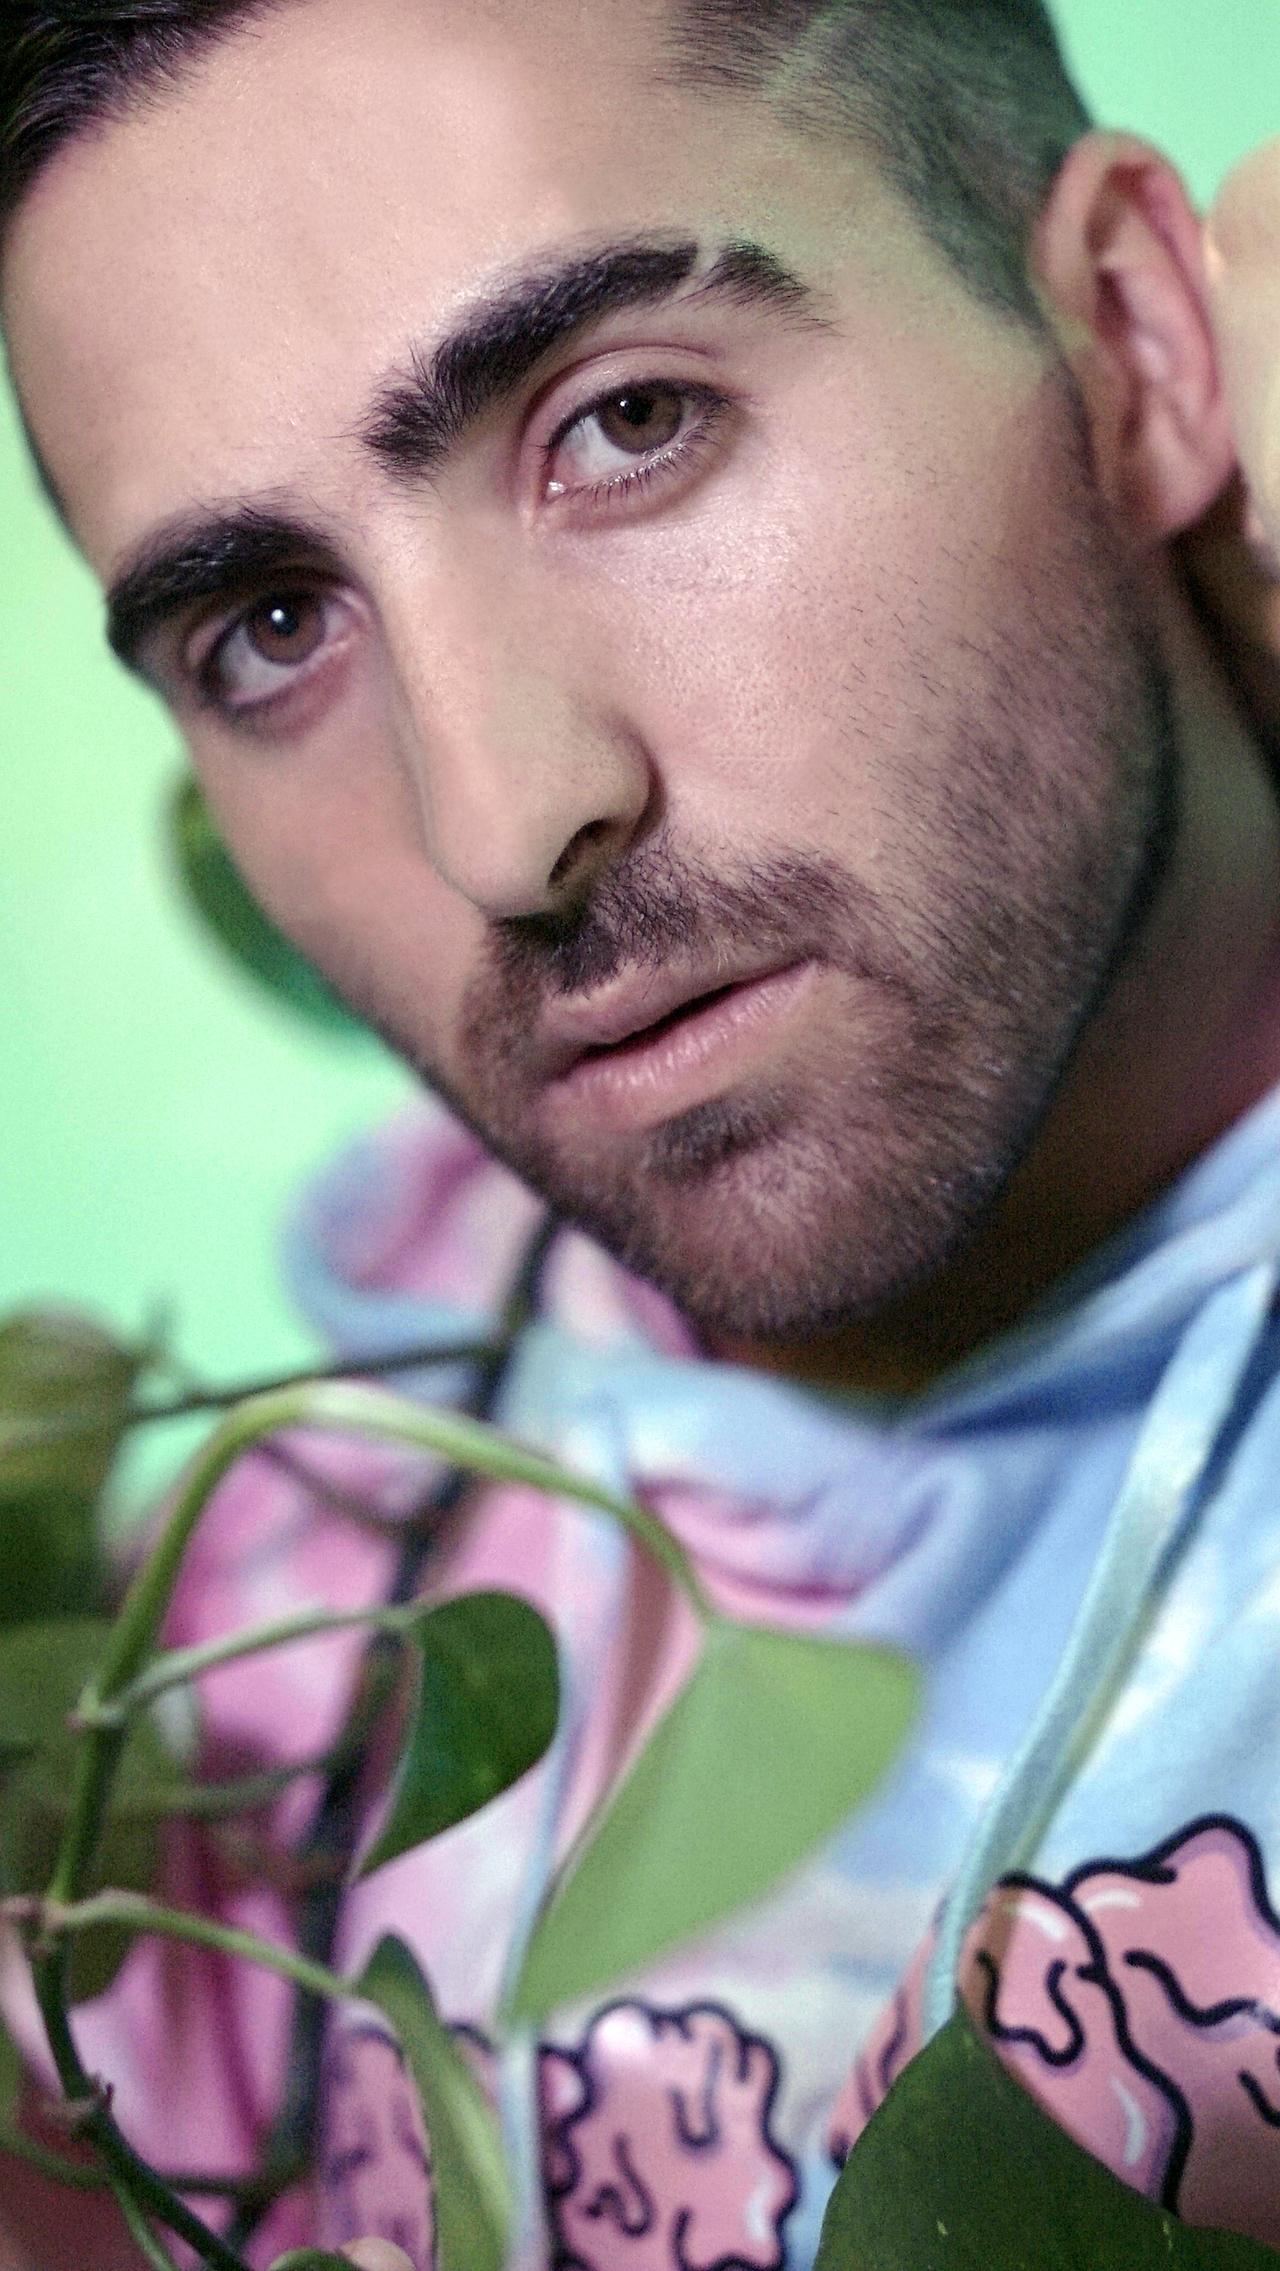 Bolela estrena su sencillo 'Cuestión de pieles'